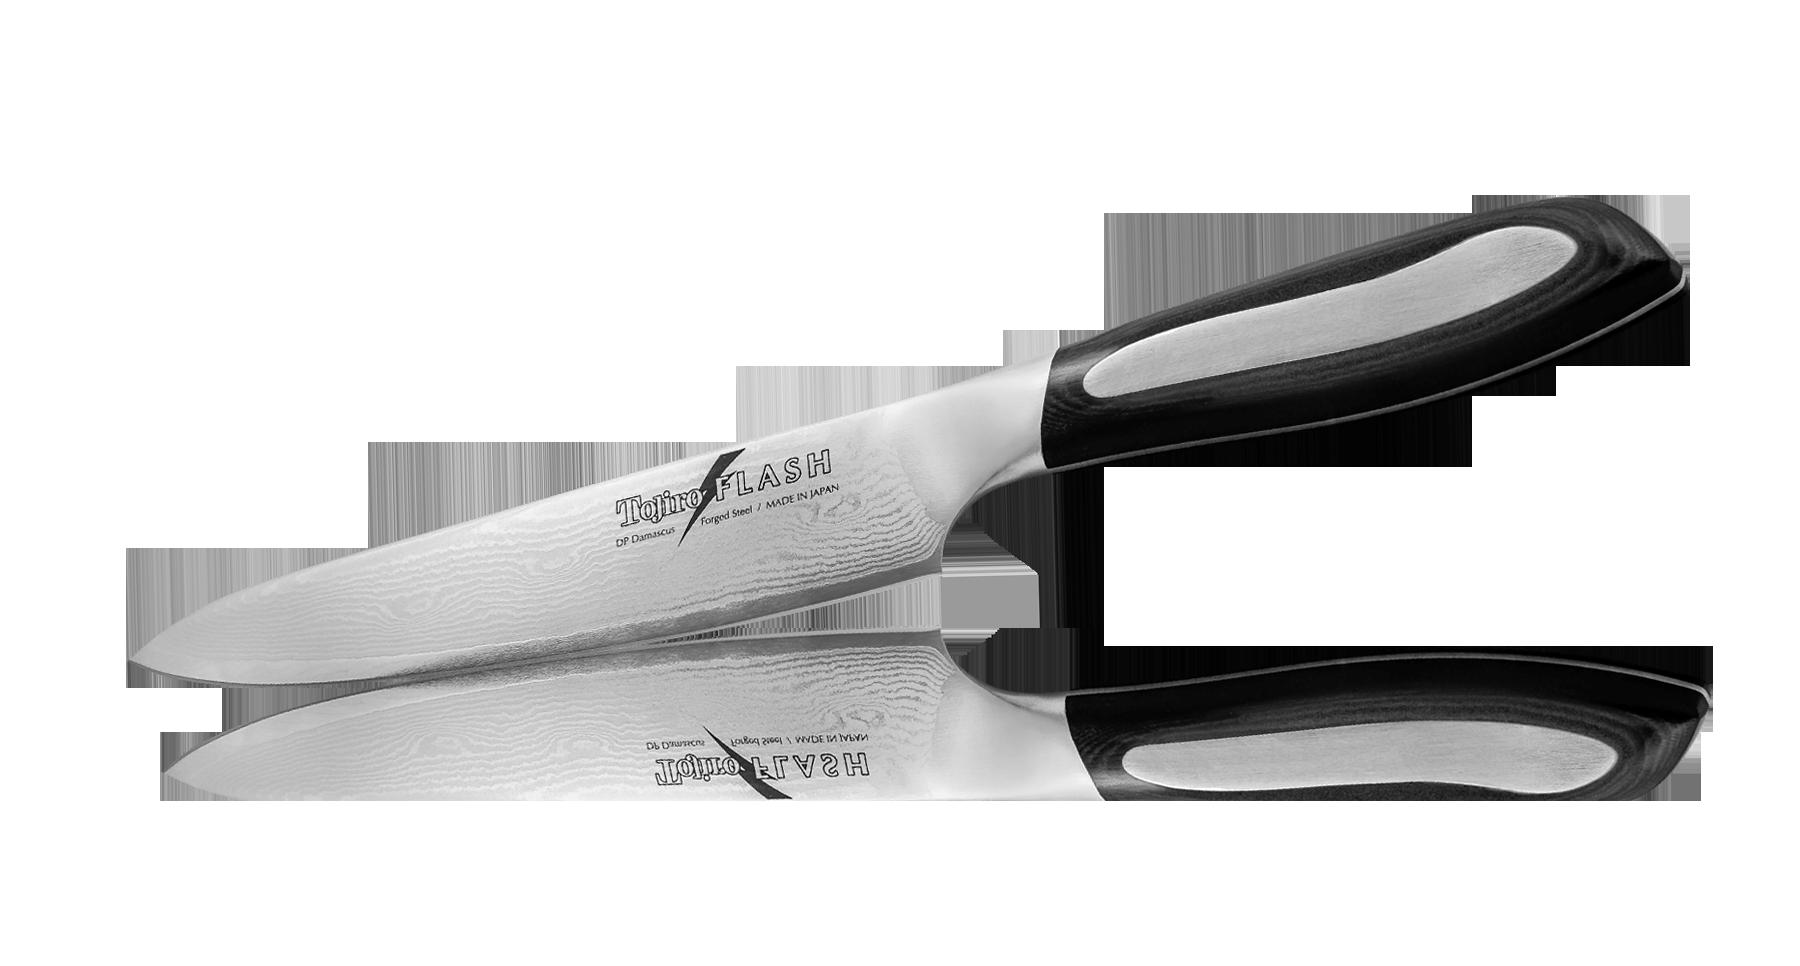 Нож Универсальный Tojiro Flash 150 мм, сталь VG-10